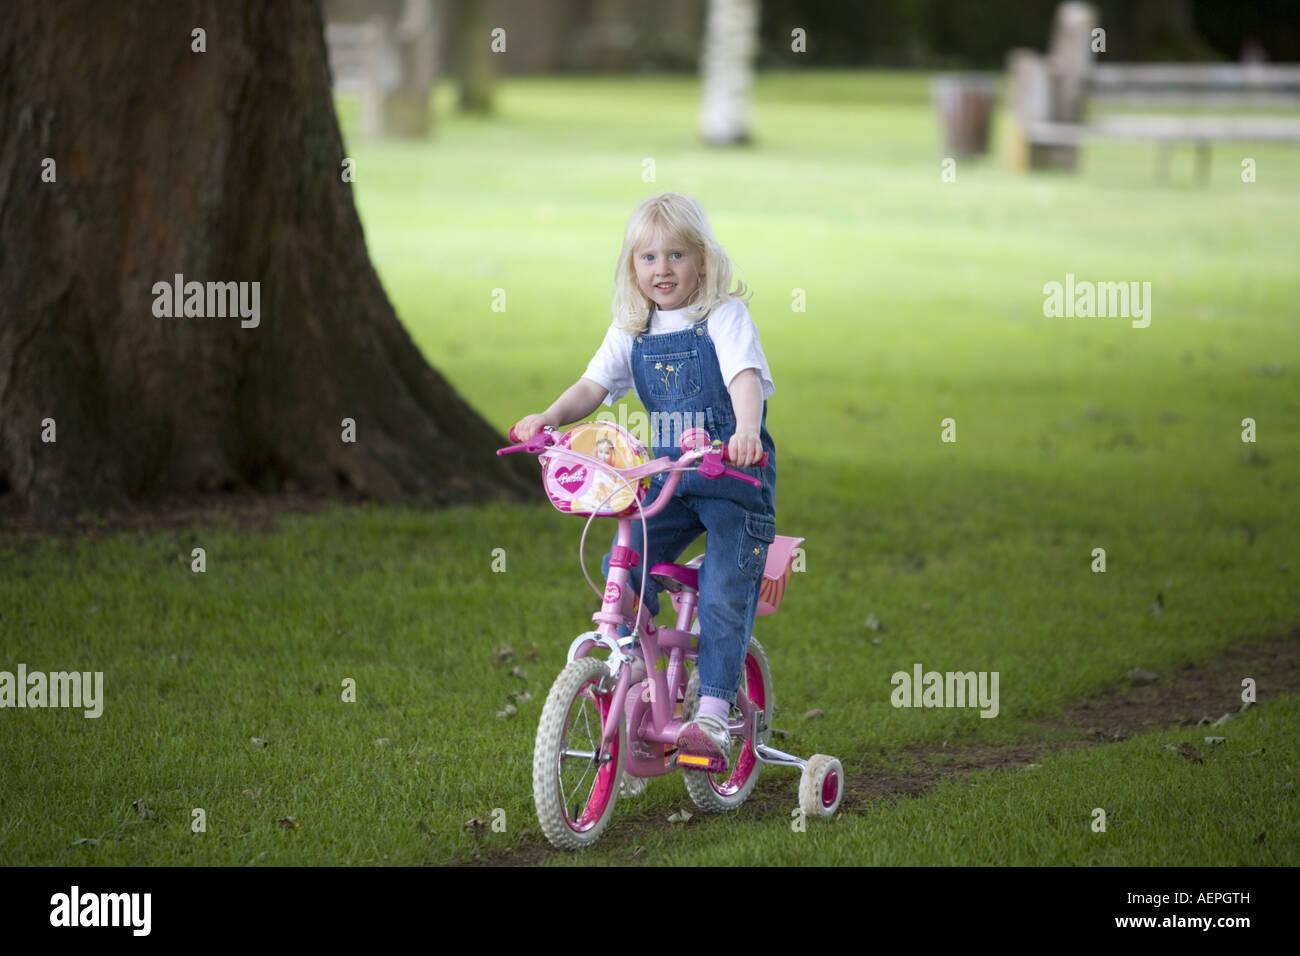 Blonde little Girl on push bike. - Stock Image